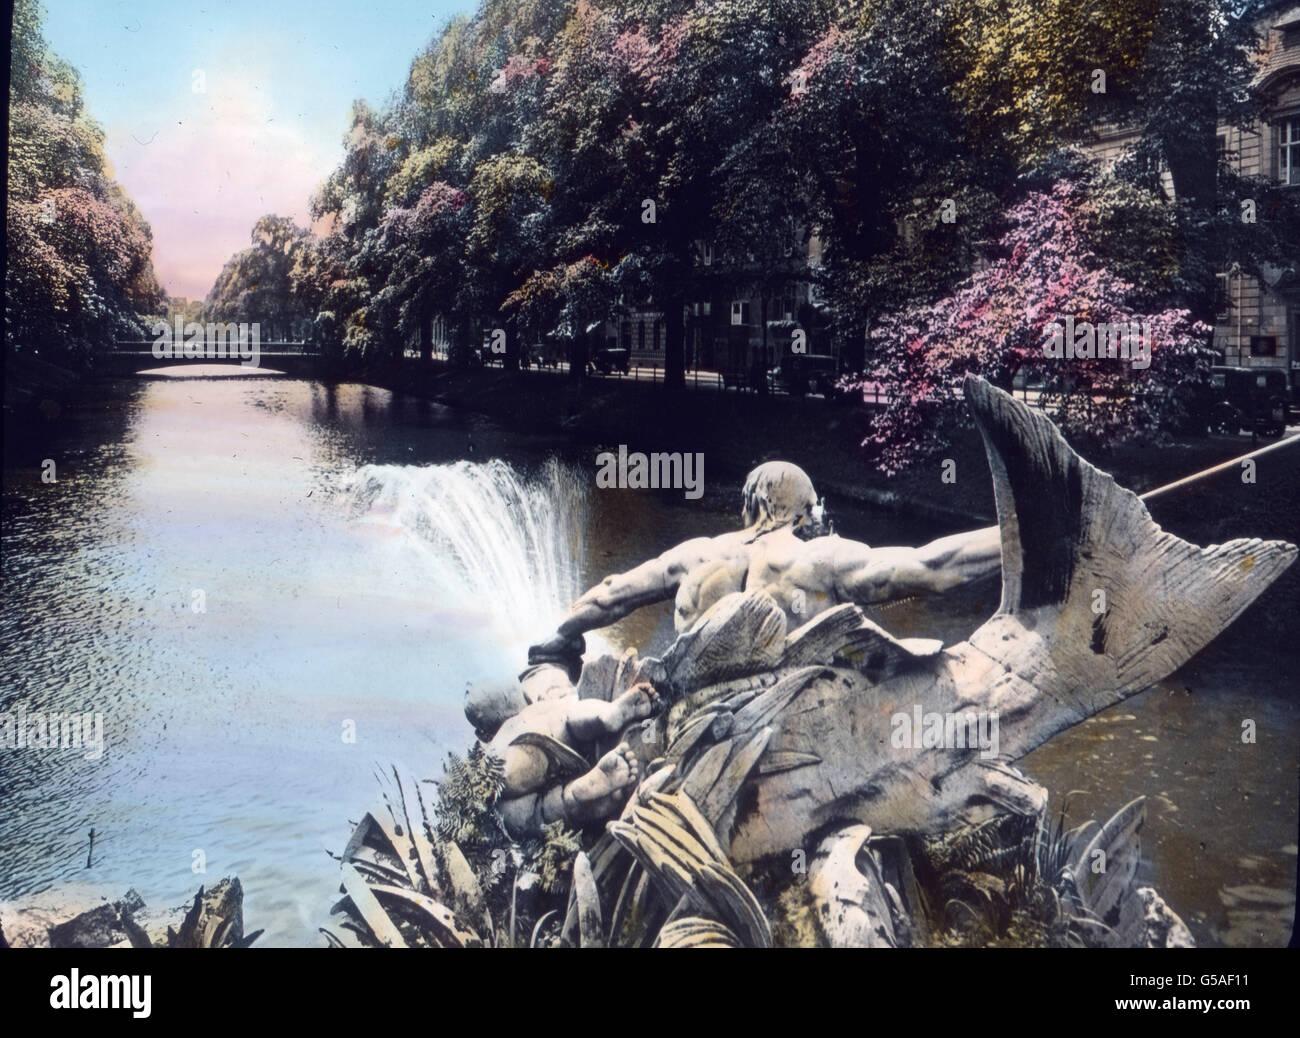 Am Niederrhein liegt das große, elegante Düsseldorf, einer der modernsten Städte Deutschlands, in der aber doch Stock Photo